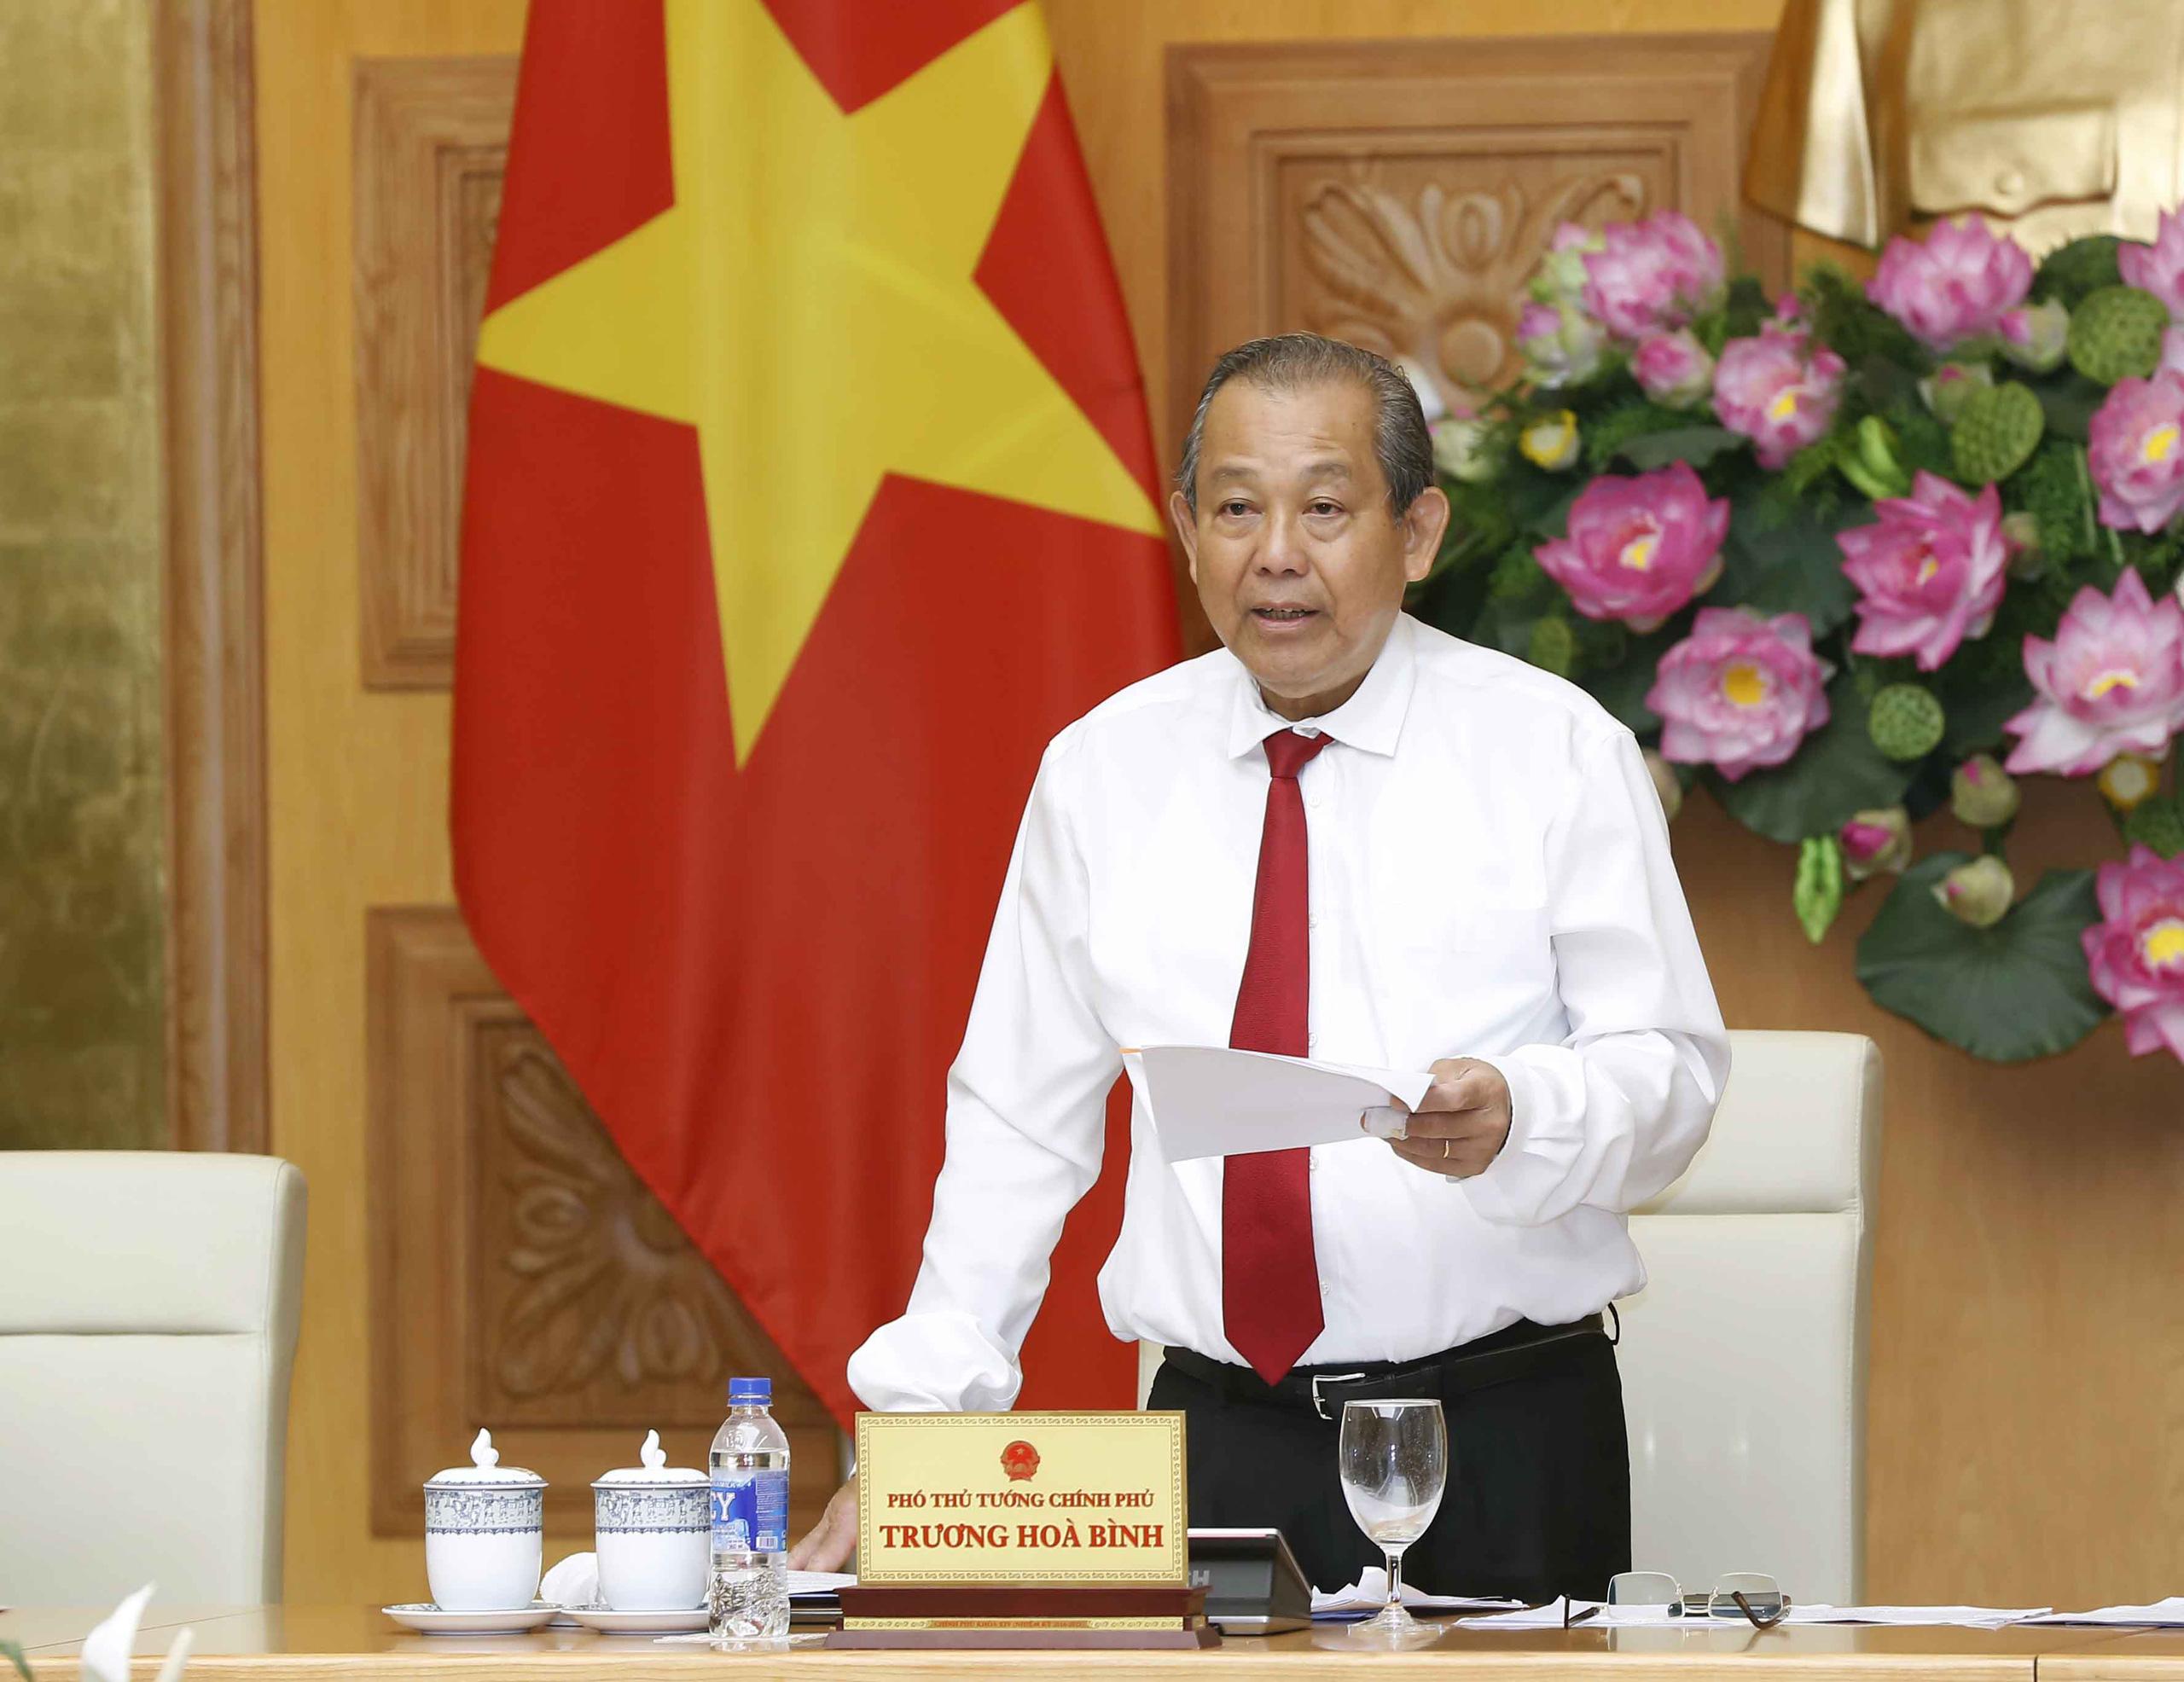 """Liên quan kết luận thanh tra Hãng phim truyện Việt Nam: Phó Thủ tướng yêu cầu thu hồi 2 lô đất """"vàng"""" - Ảnh 1."""